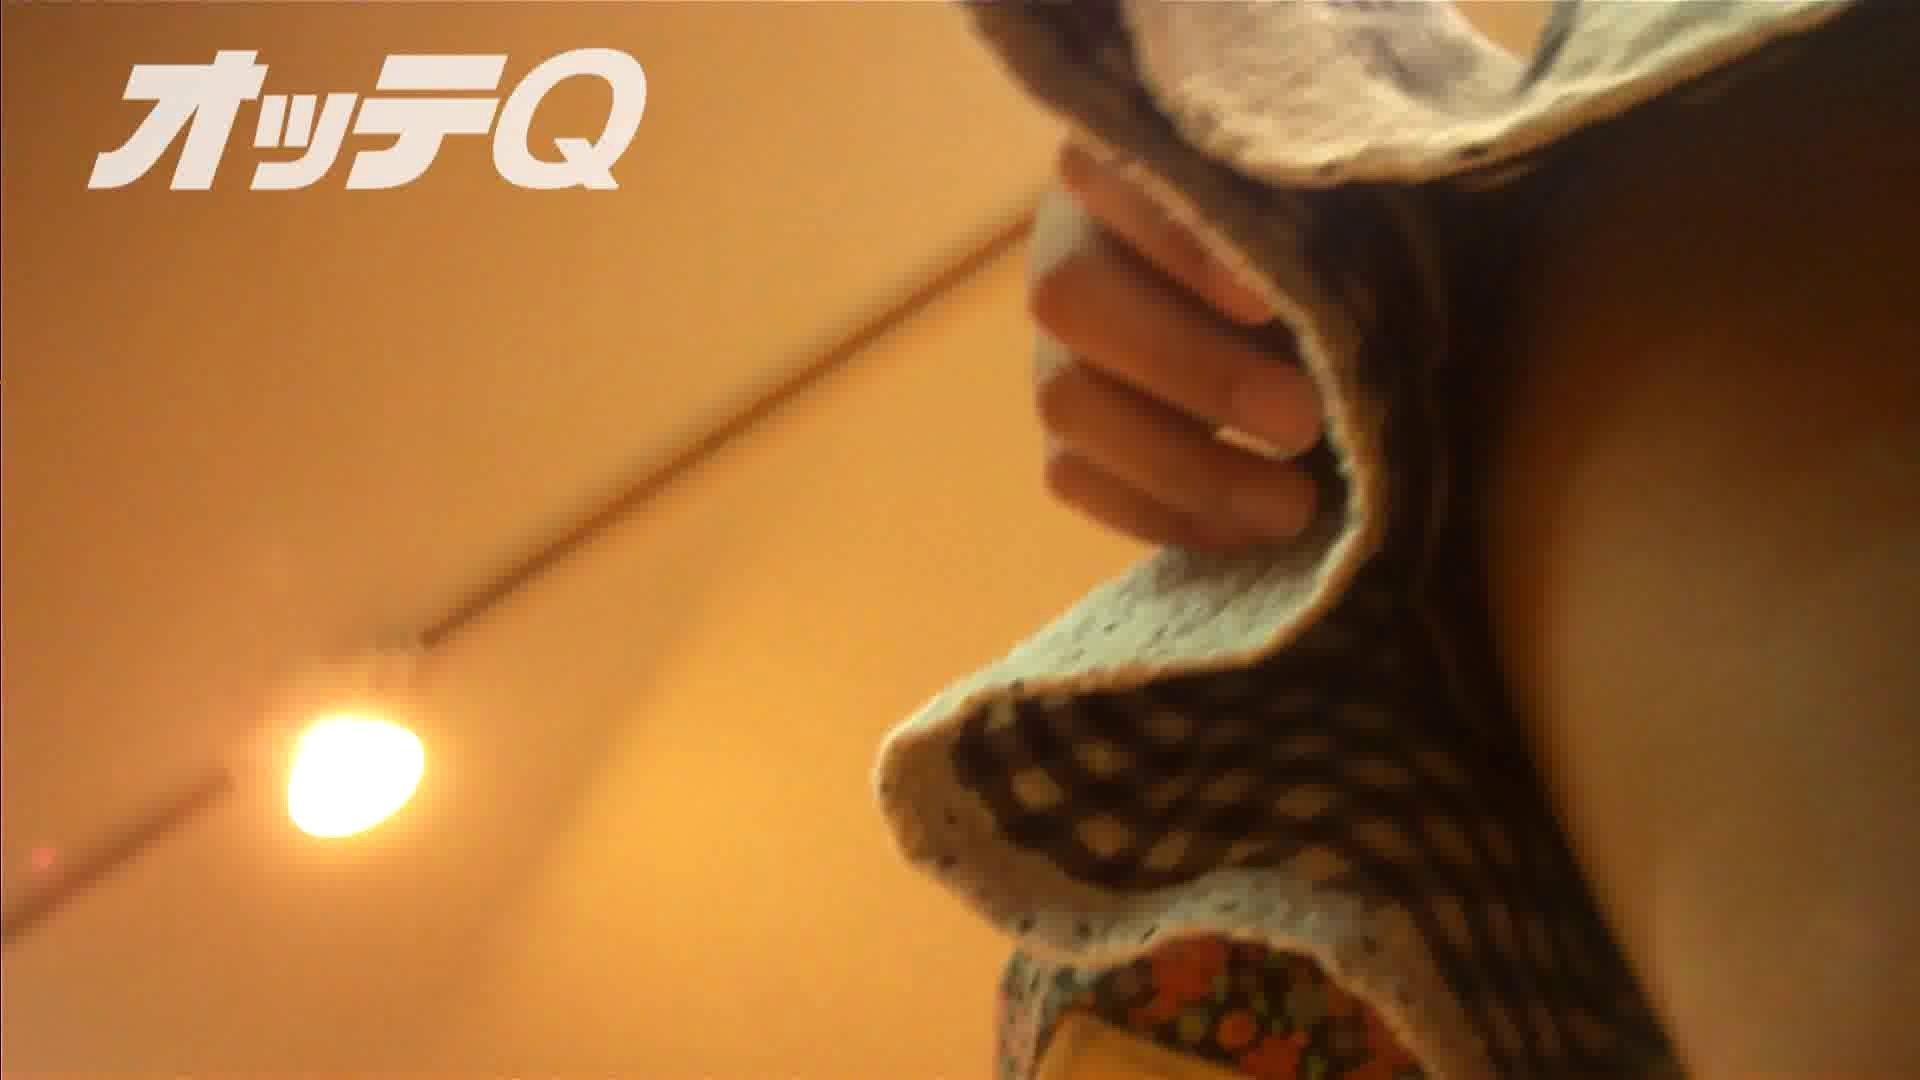 ハイビジョンパンチラ オッテQさんの追跡パンチラデパート編VOL.04 チラ系 オマンコ無修正動画無料 105pic 4